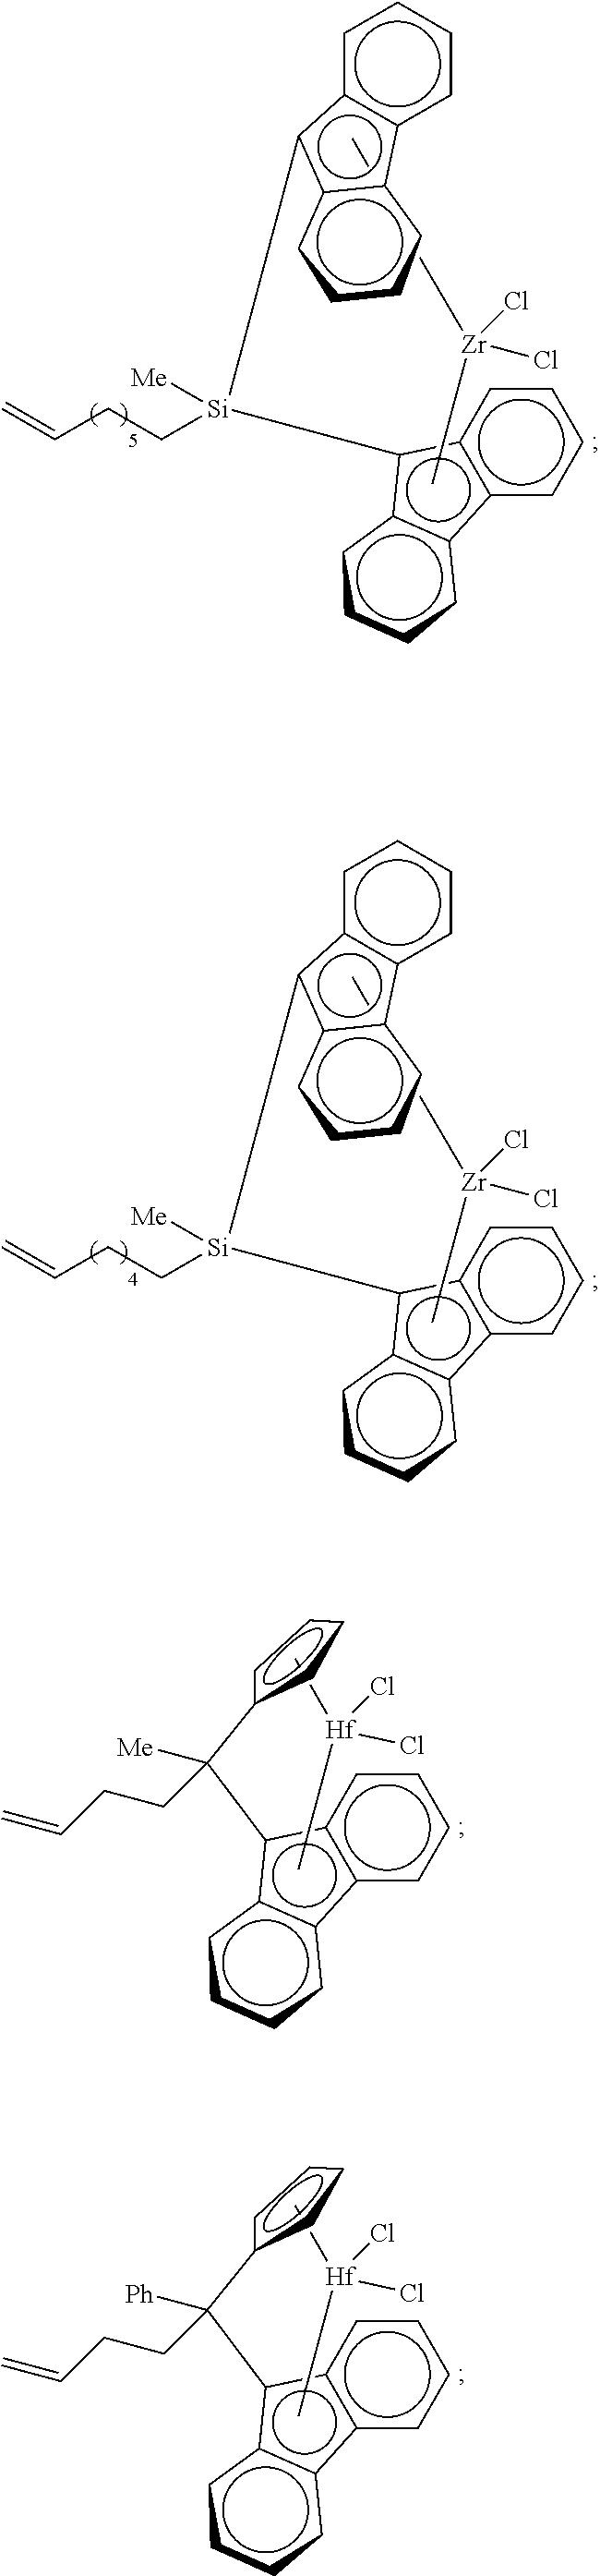 Figure US08143183-20120327-C00012